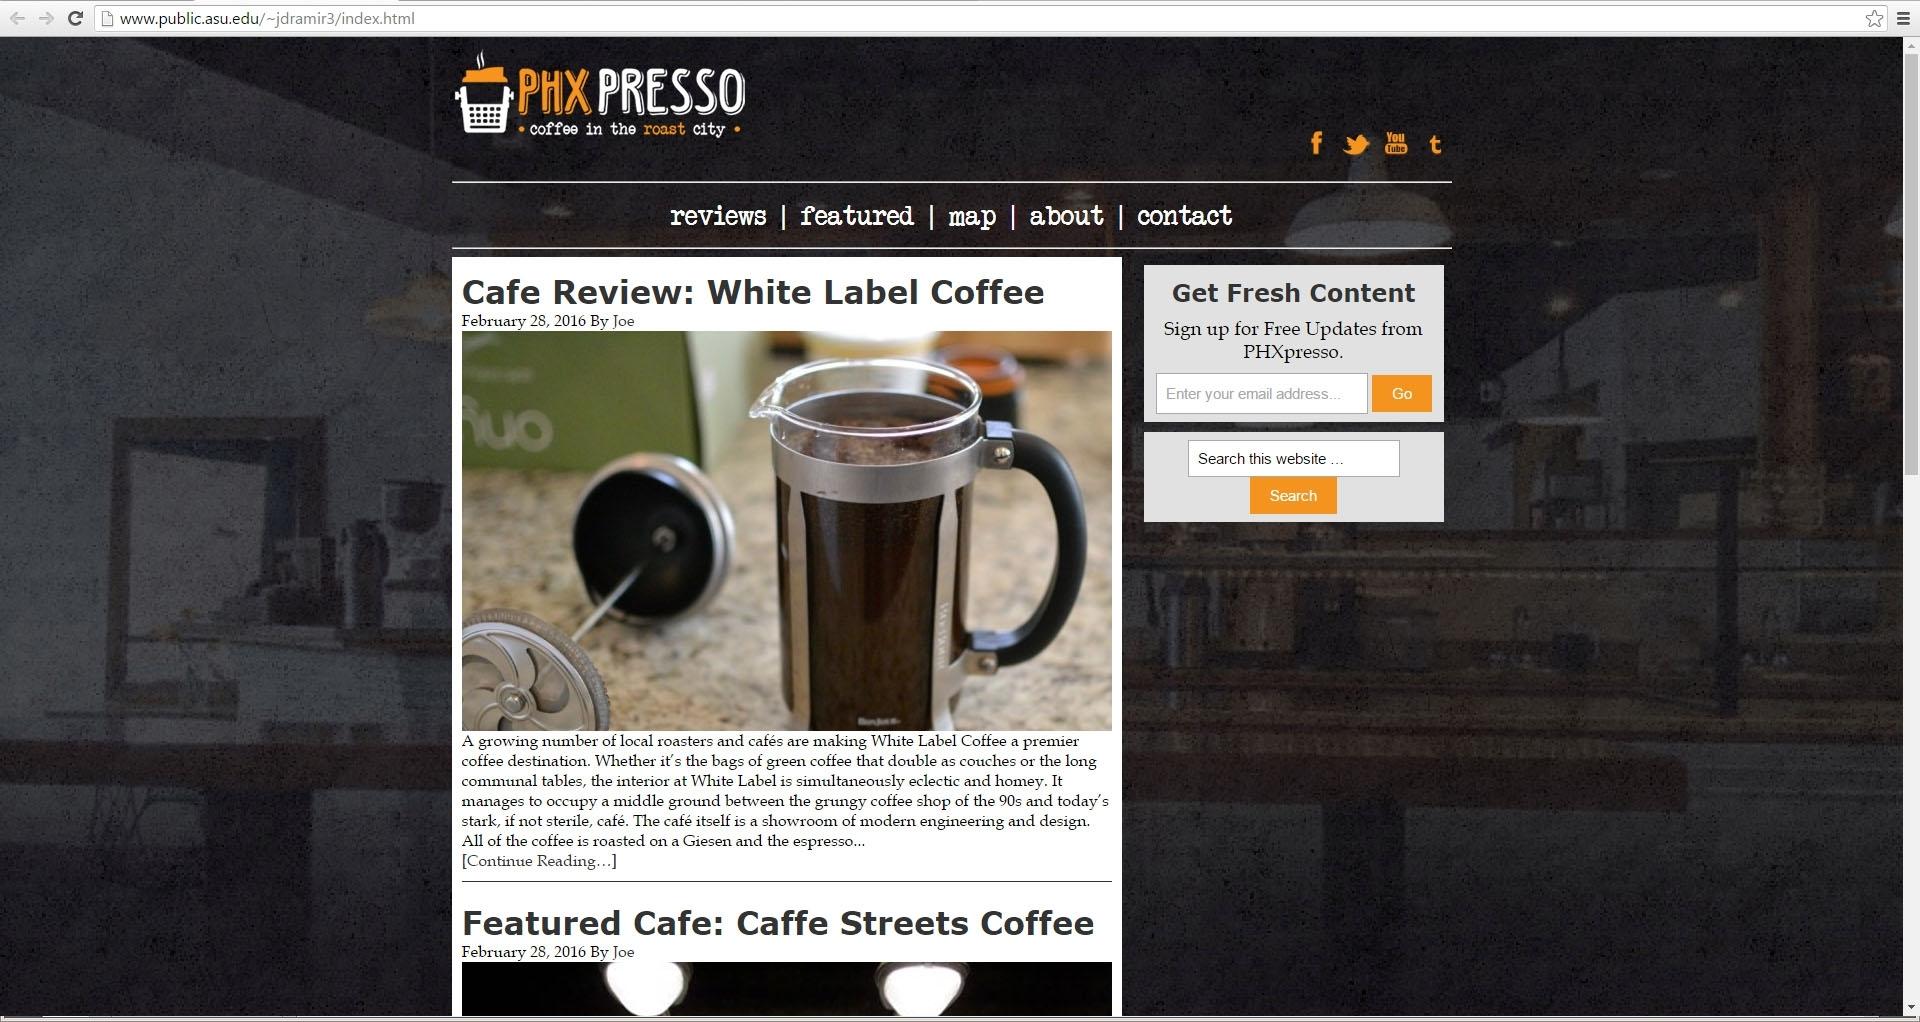 """<a href=""""http://www.public.asu.edu/~jdramir3/index.html""""> PHXpresso</a>"""